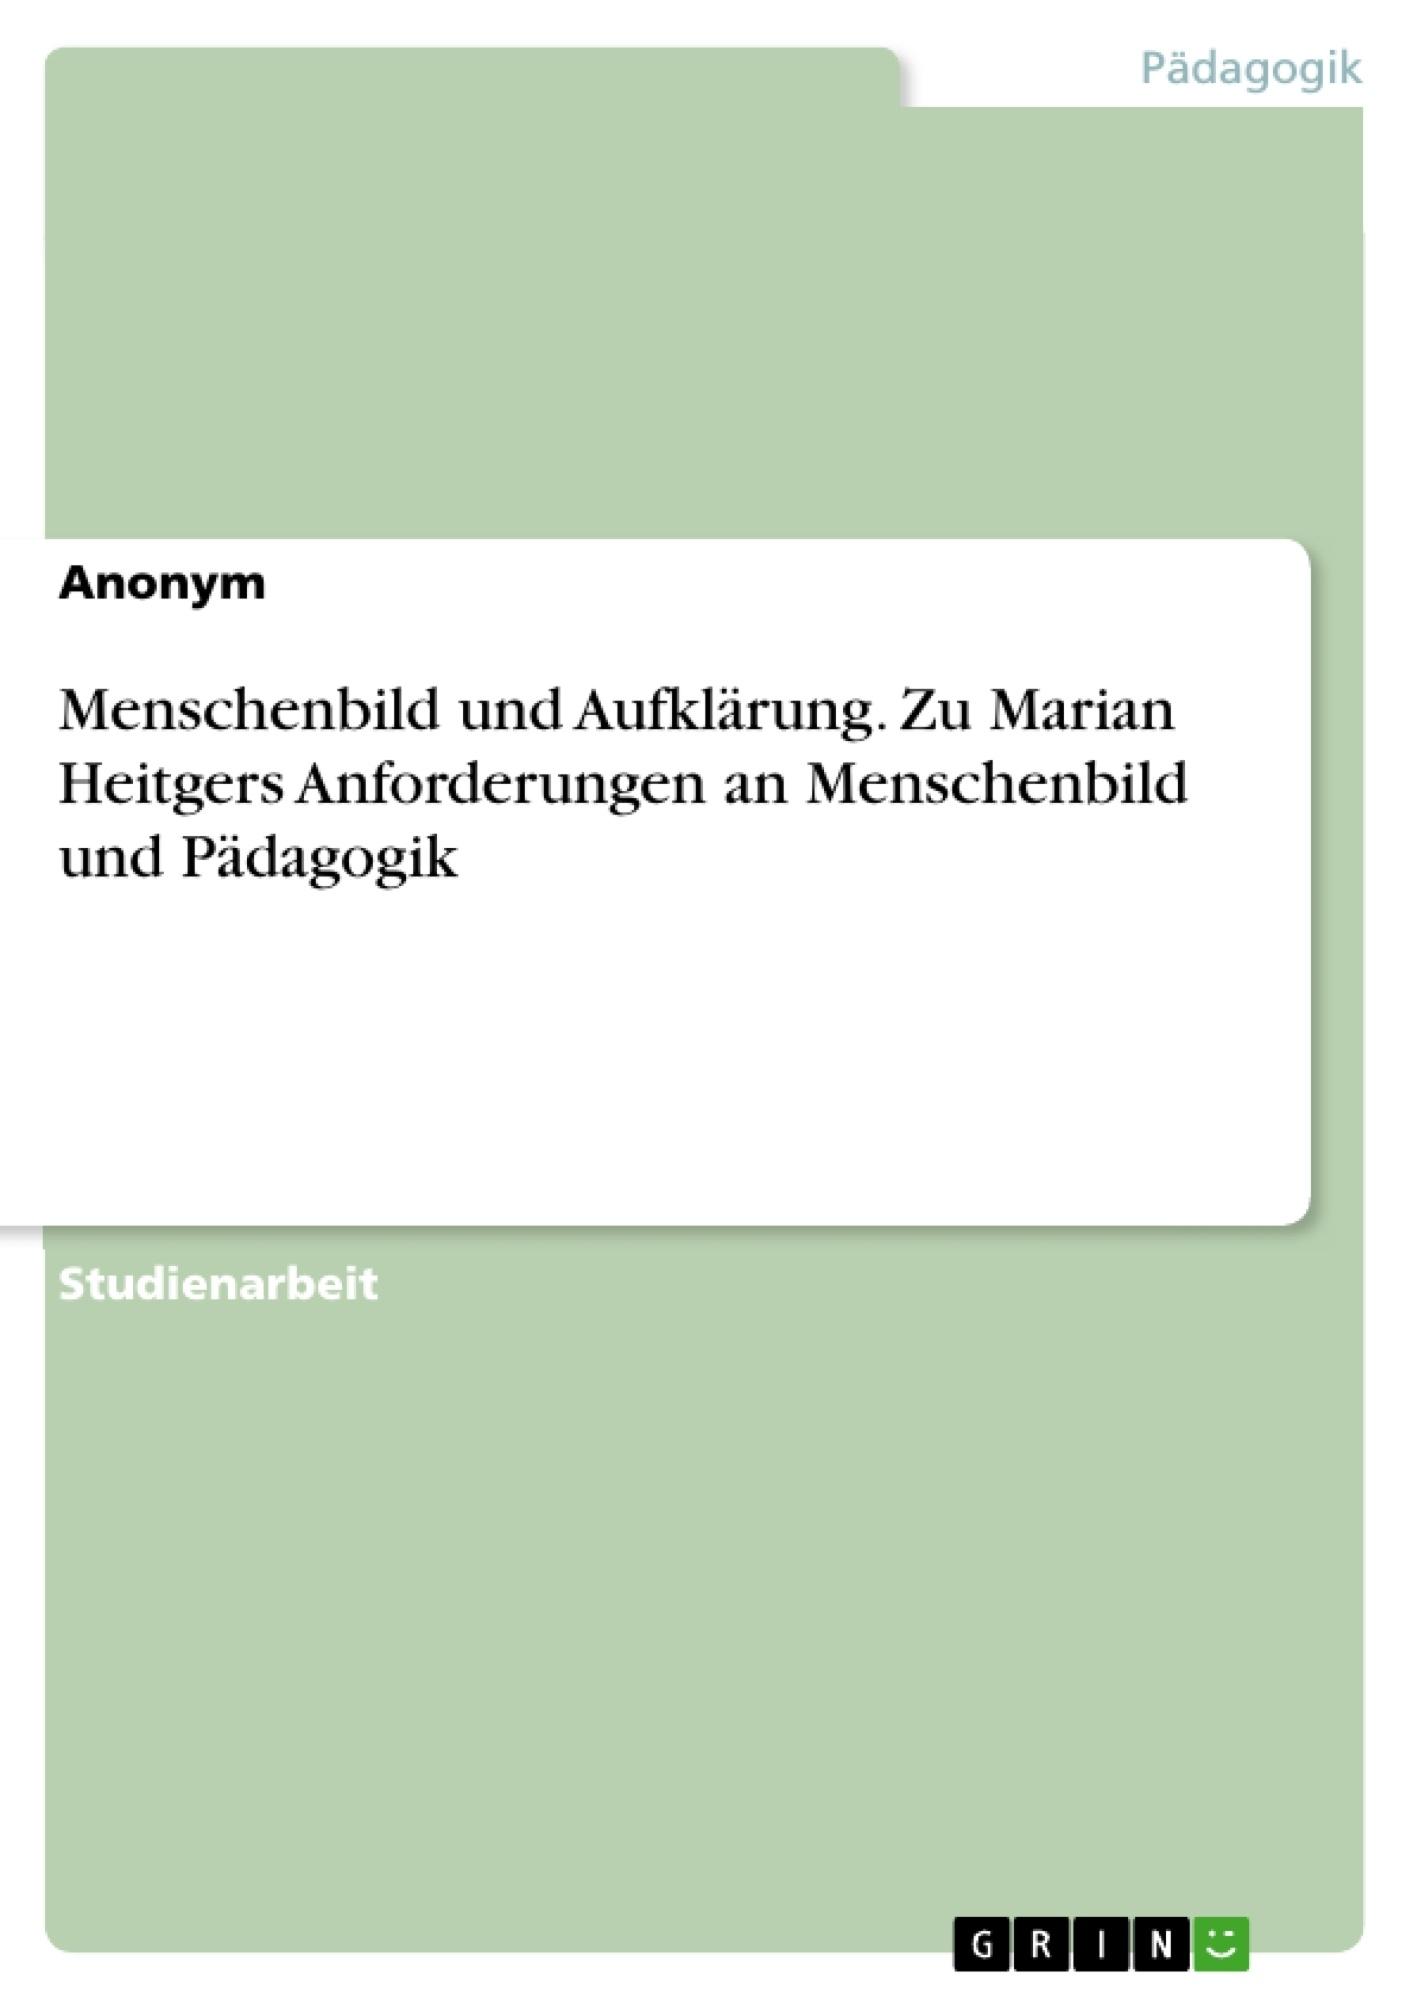 Titel: Menschenbild und Aufklärung.  Zu Marian Heitgers Anforderungen an Menschenbild und Pädagogik